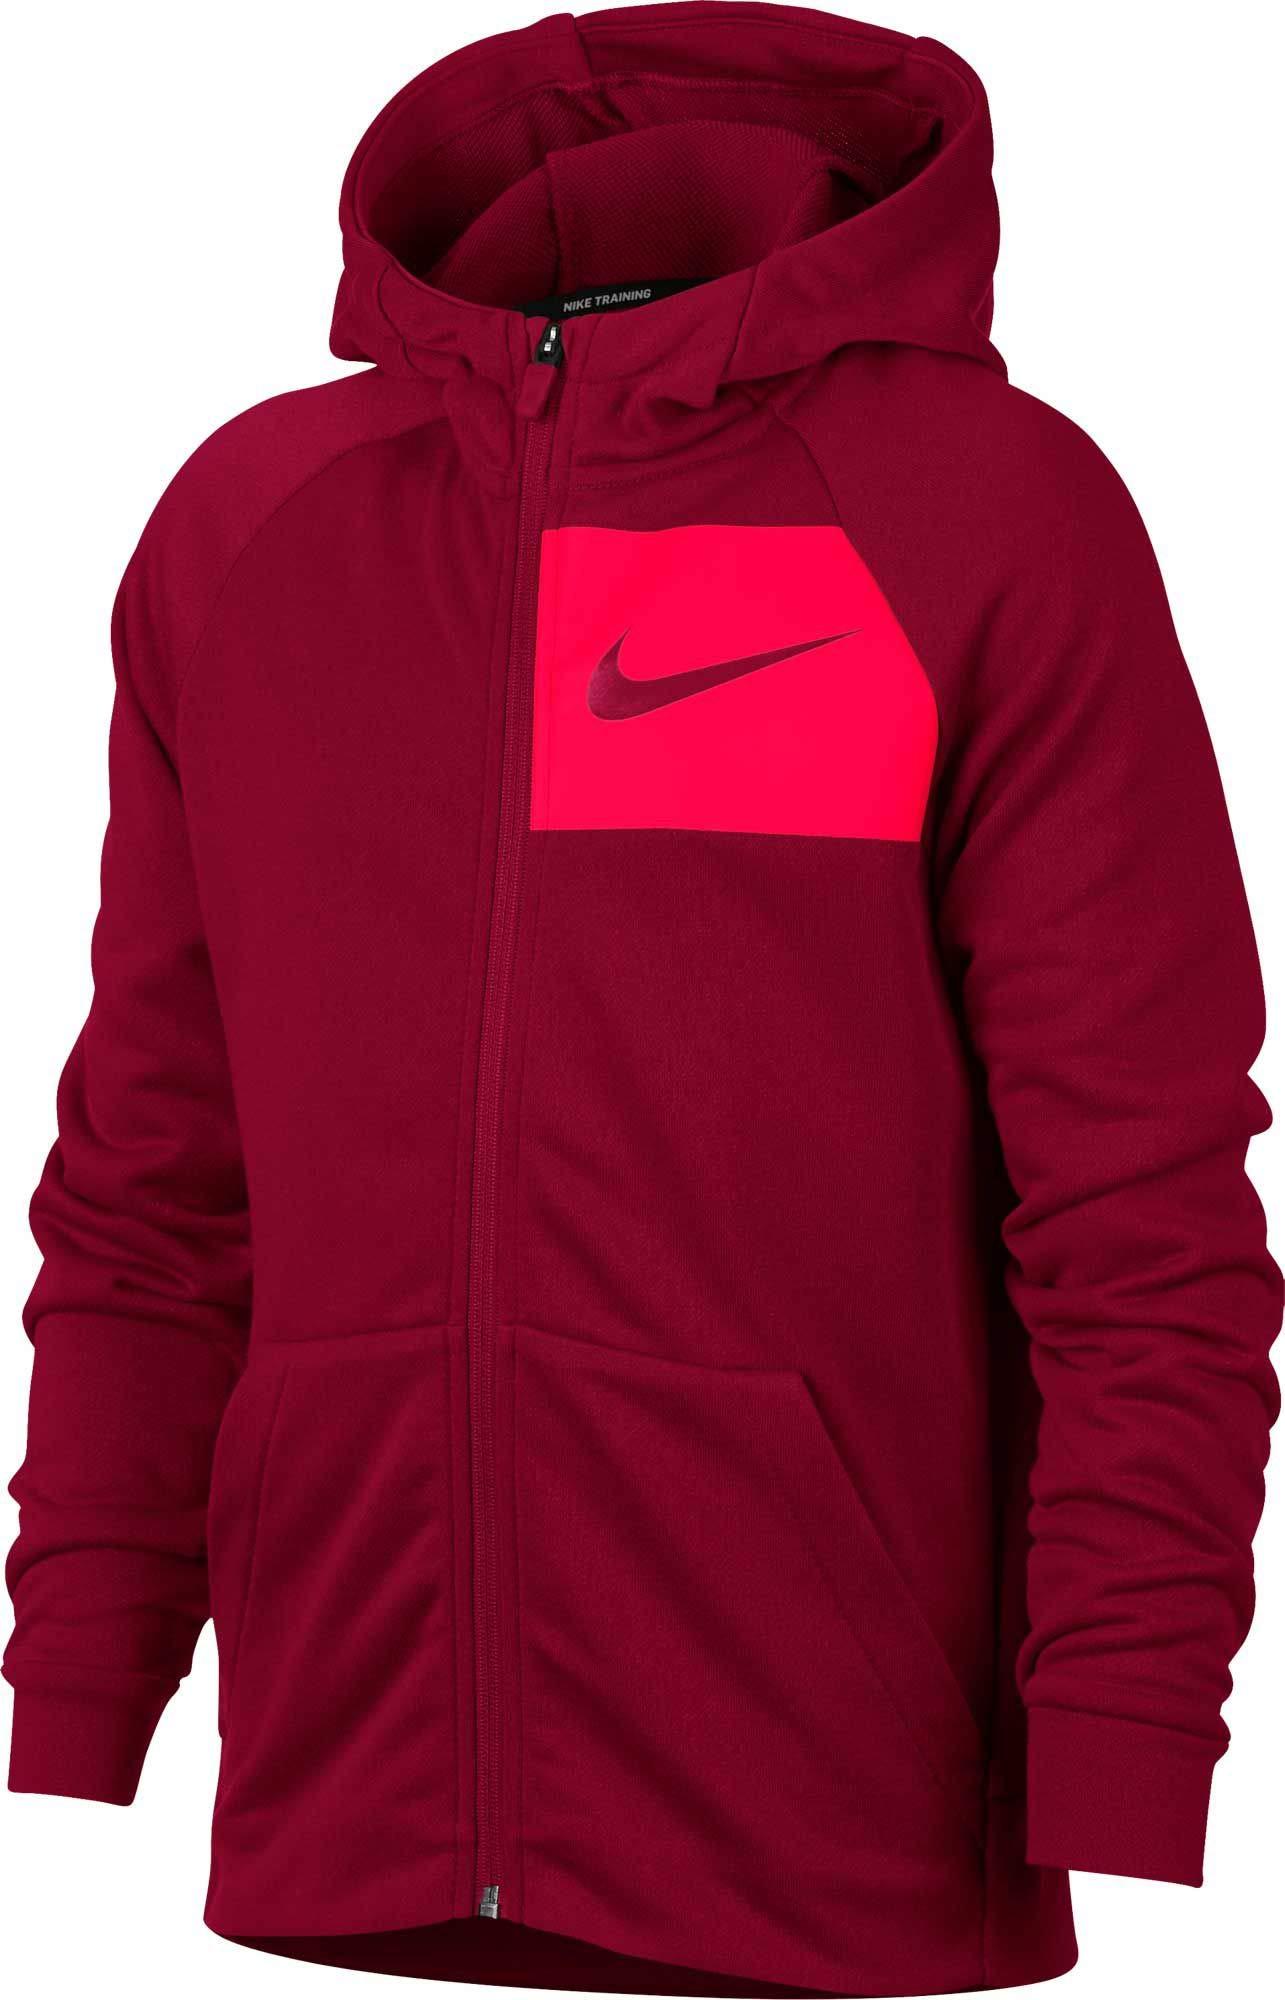 NIKE Boy's Dry Full Zip Hoodie (Red Crush/Bright Crimson, X-Small)